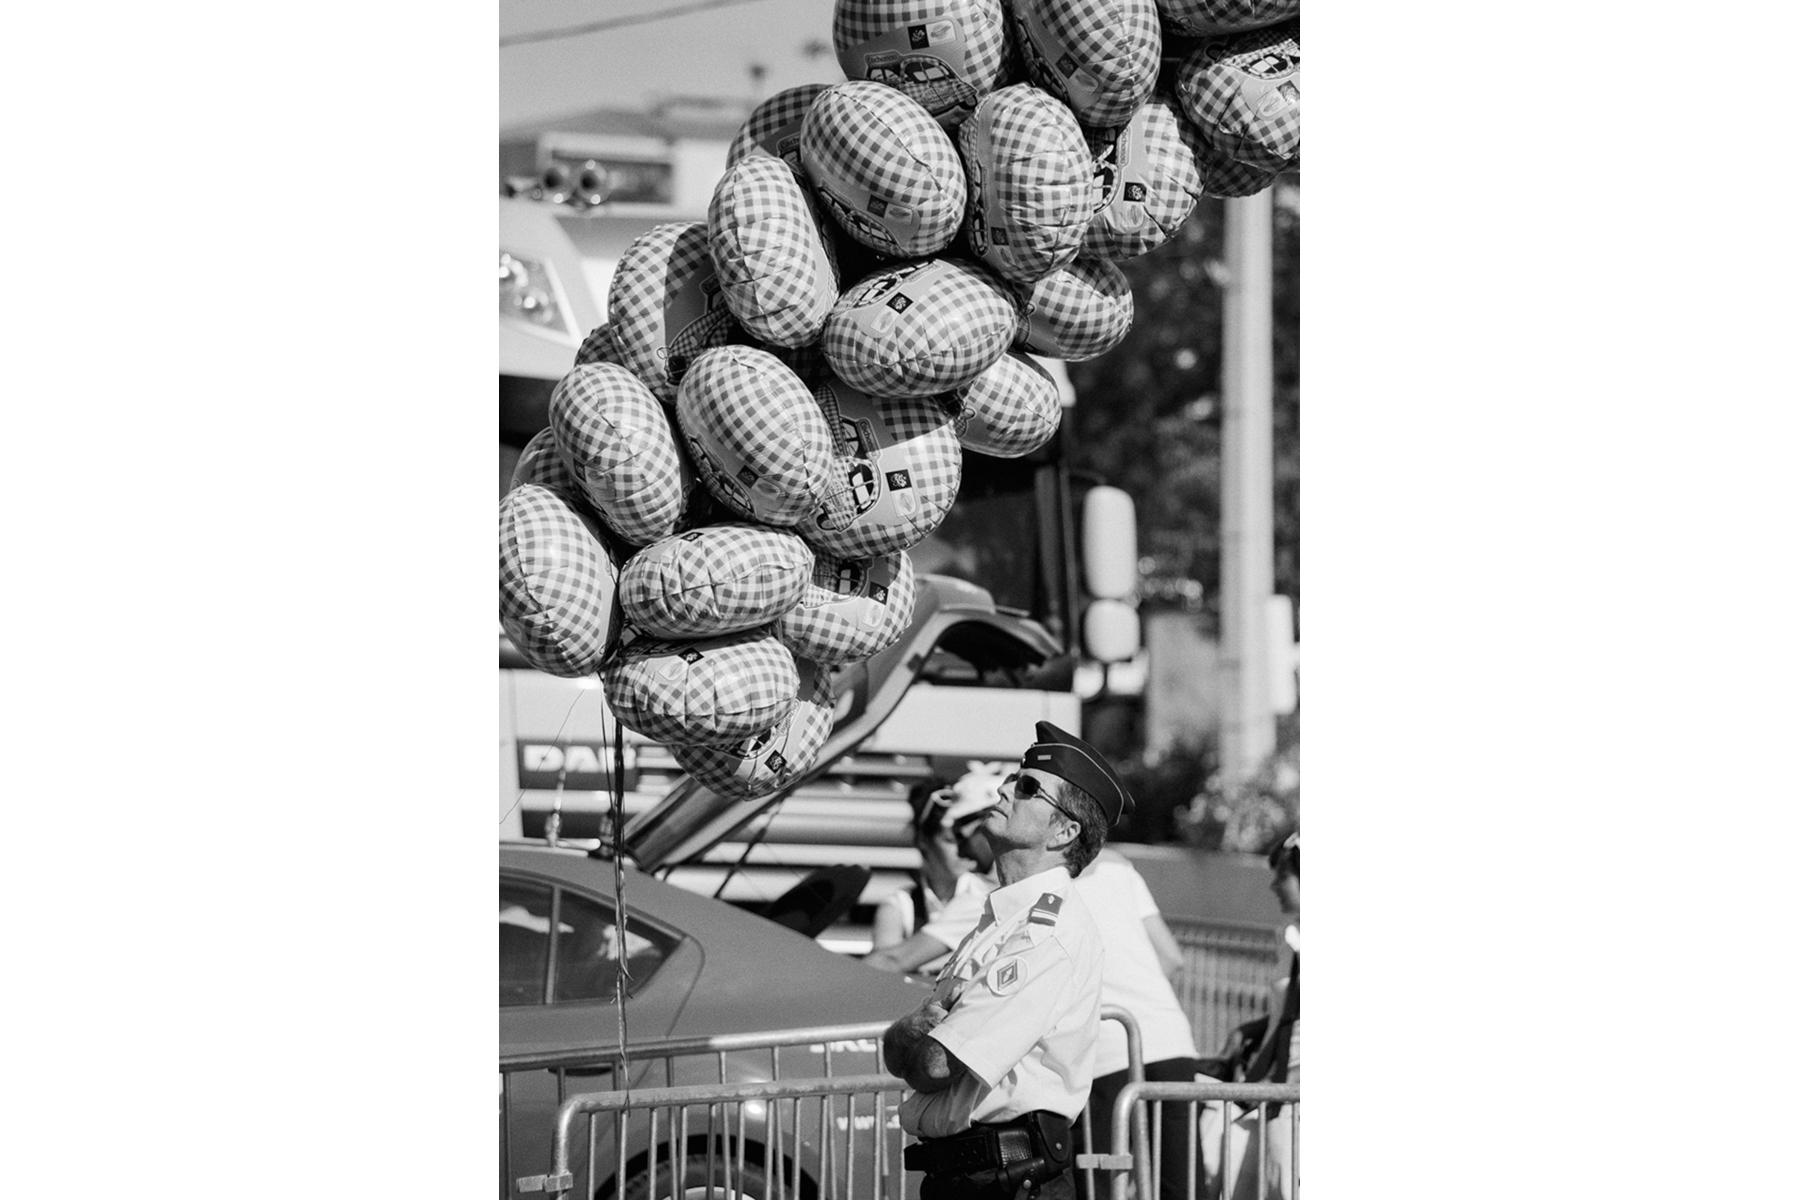 Le Tour de France 2013 BIG EVENT Far from deflated… The Tour de France is the third biggest sports event in the world after the Soccer World Championships and the Olympic Games. Loin d'être dégonflé ... Le Tour de France est, après le championnat du monde de football et les Jeux Olympiques, le troisième plus grand événement sportif au monde. Noch lange nicht die Luft raus … Die Tour de France ist nach der Weltmeisterschaft im Fußball und den Olympischen Spielen das drittgrößte Sportereignis der Welt. Lejos de desincharse ... El Tour de Francia representa, juntamente con el mundial de fútbol y los Juegos Olímpicos, el tercer mayor evento deportivo mundial.